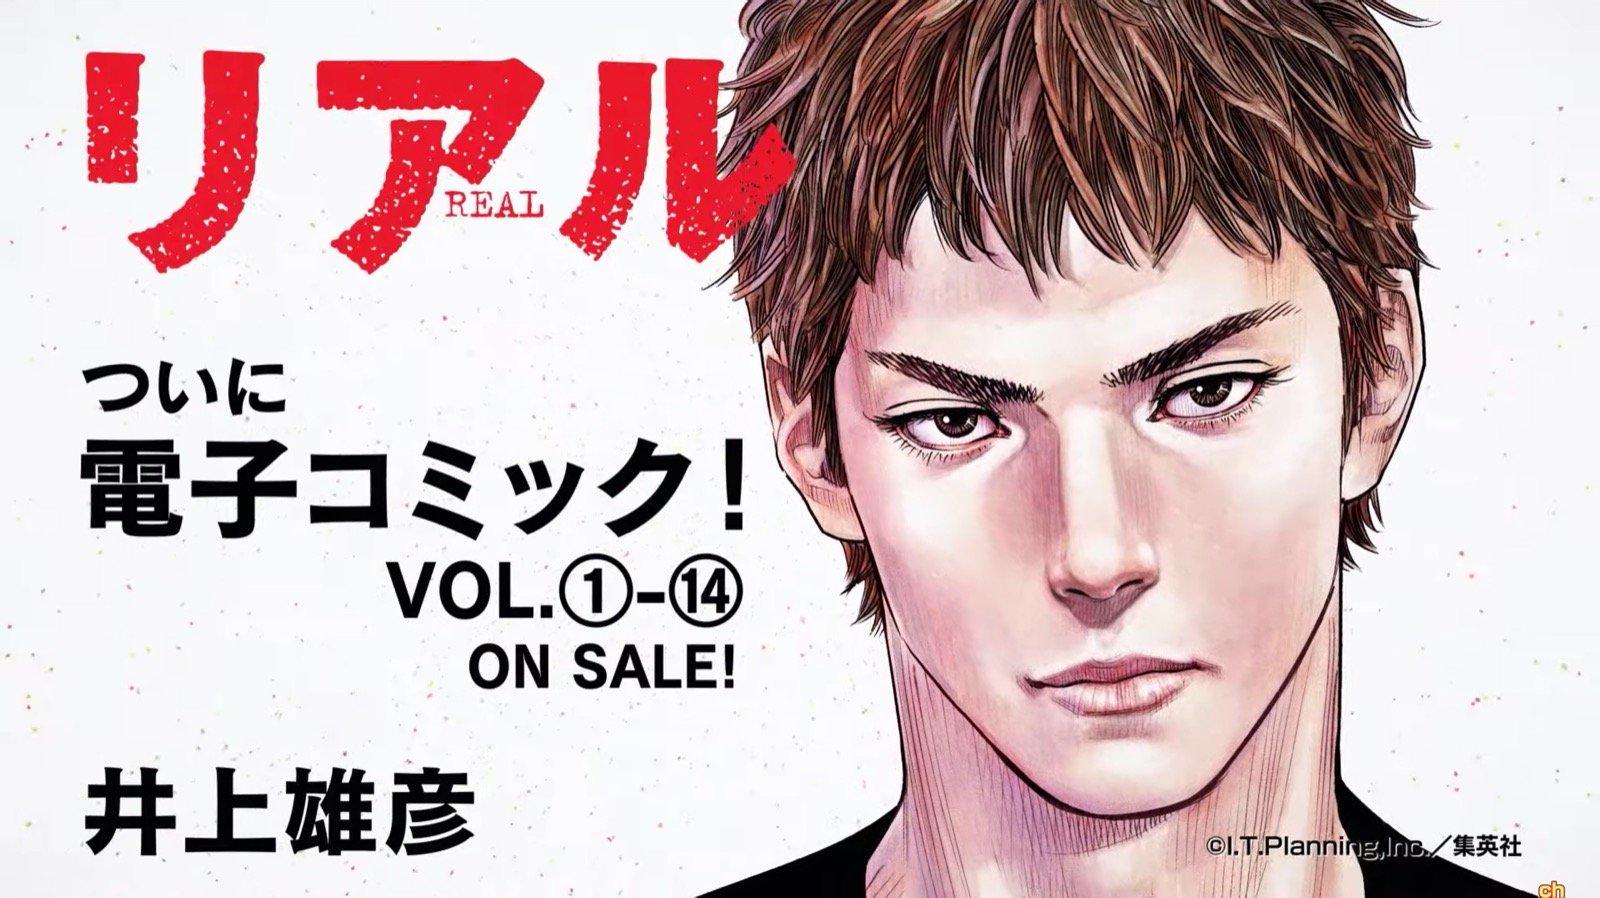 ついに、井上雄彦作品が電子書籍に。1〜14巻「リアル」公開。スラムダンクにも期待